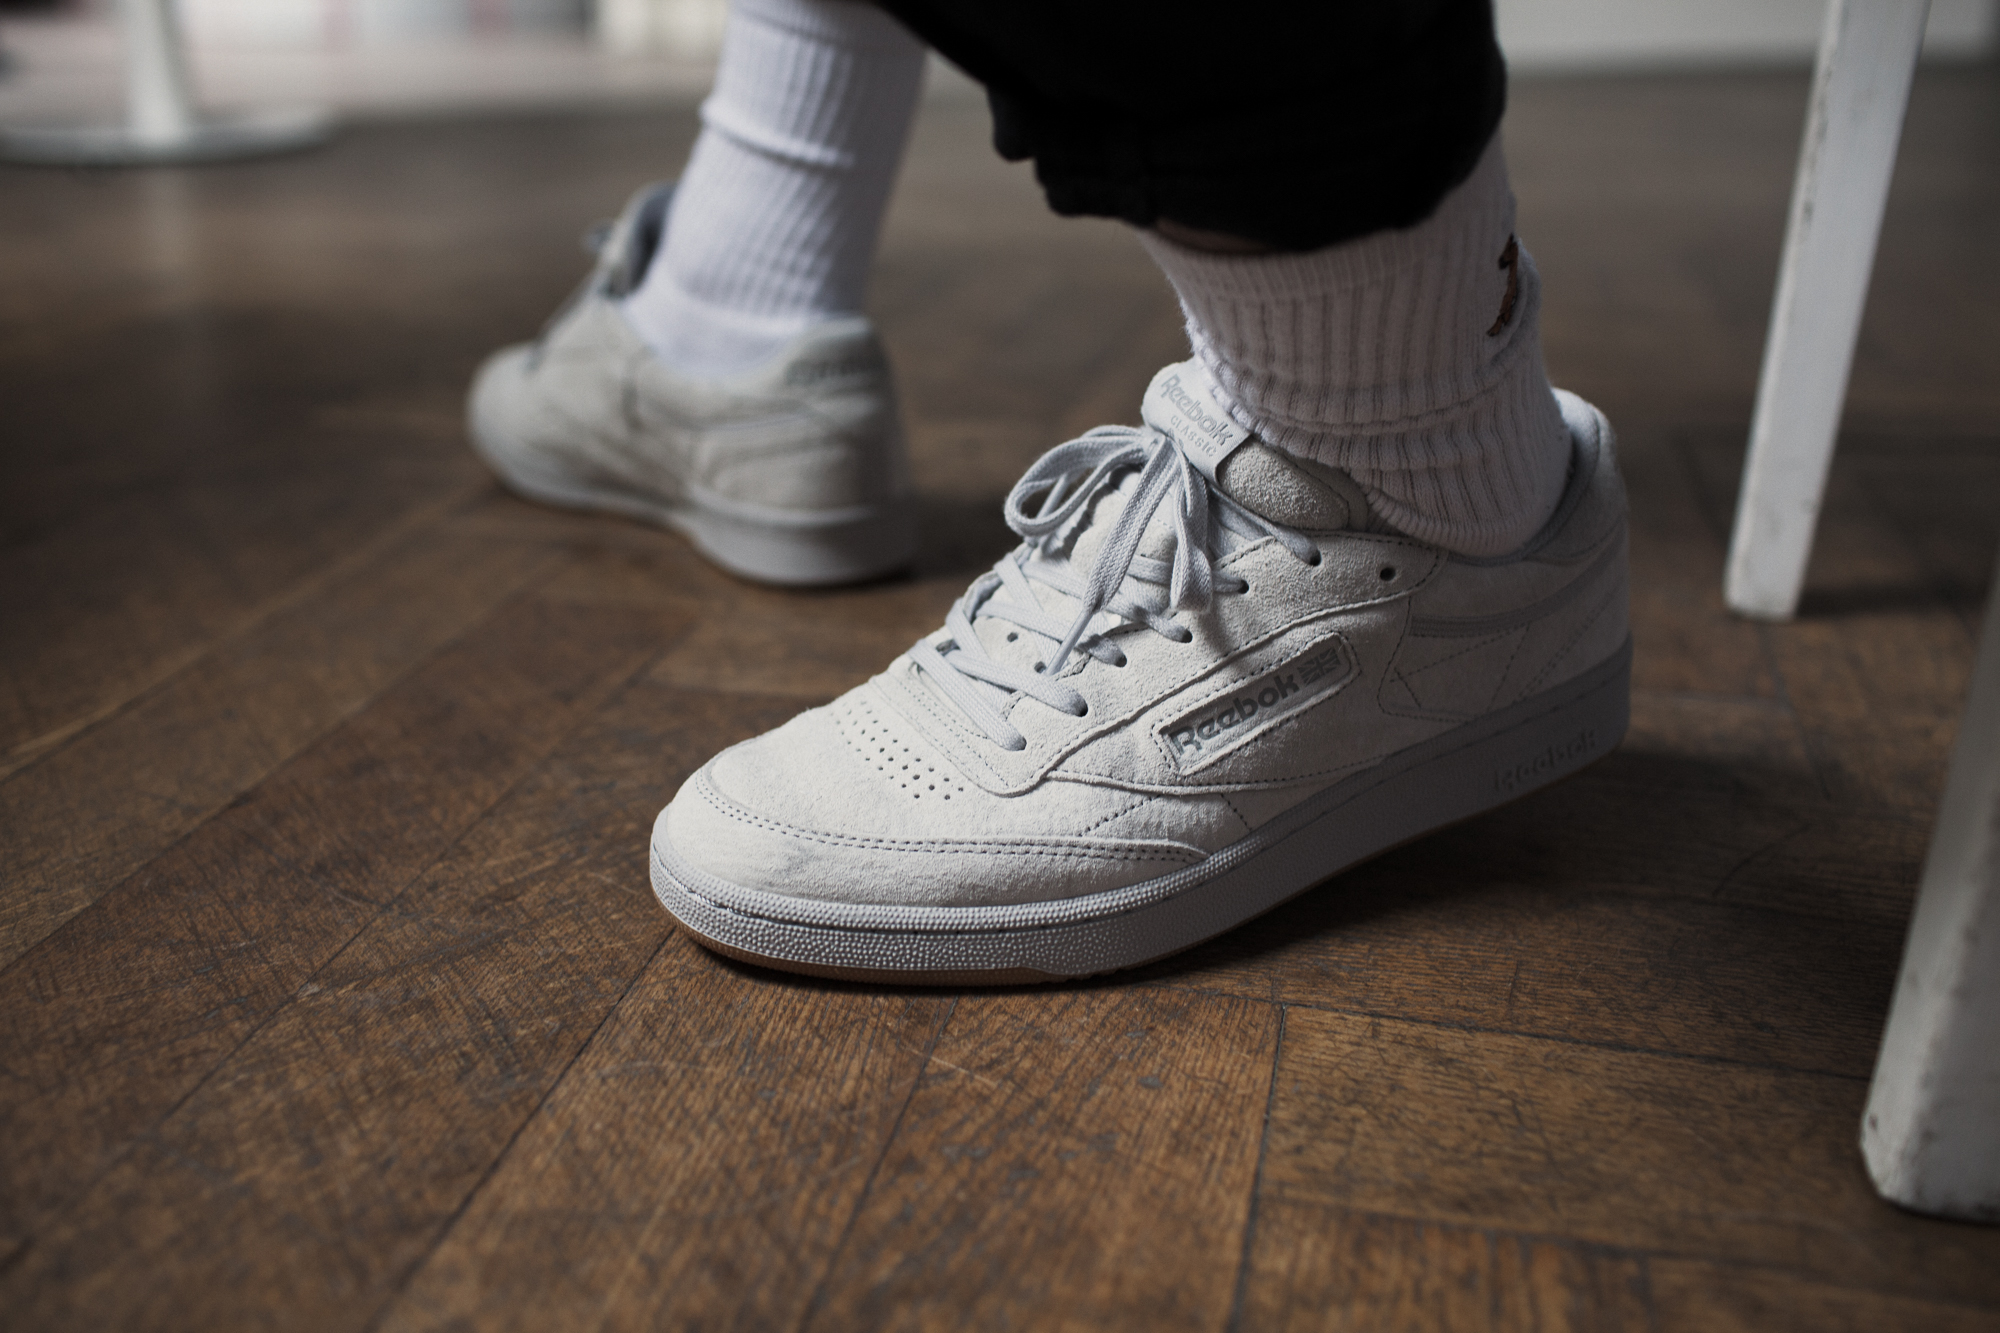 Zblizenie na białe buty Reeboka na męskich nogach